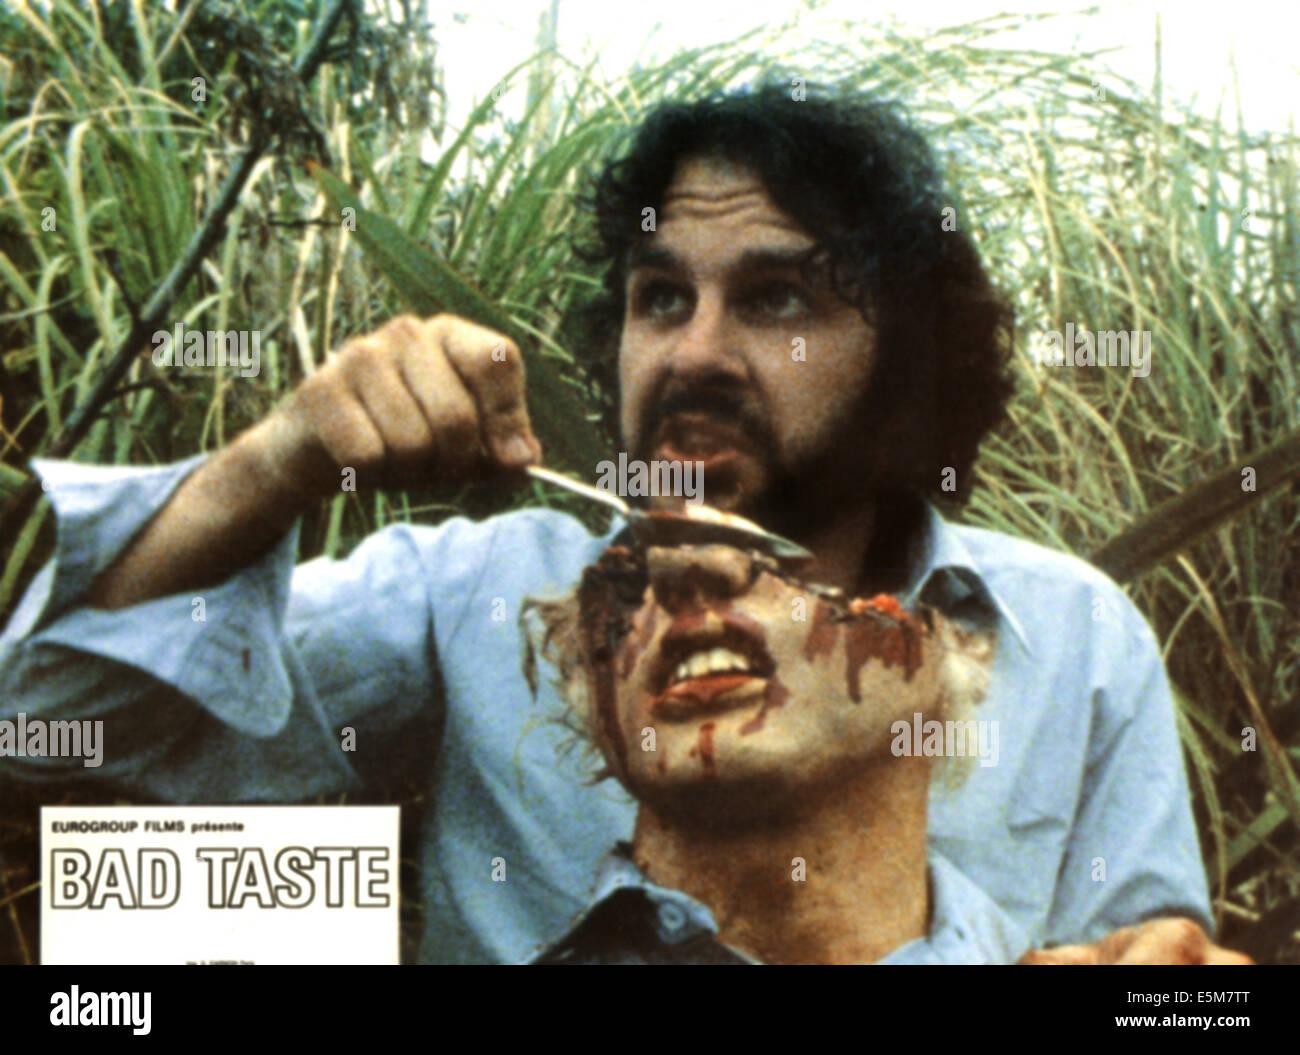 BAD TASTE, Peter Jackson, 1987 - Stock Image